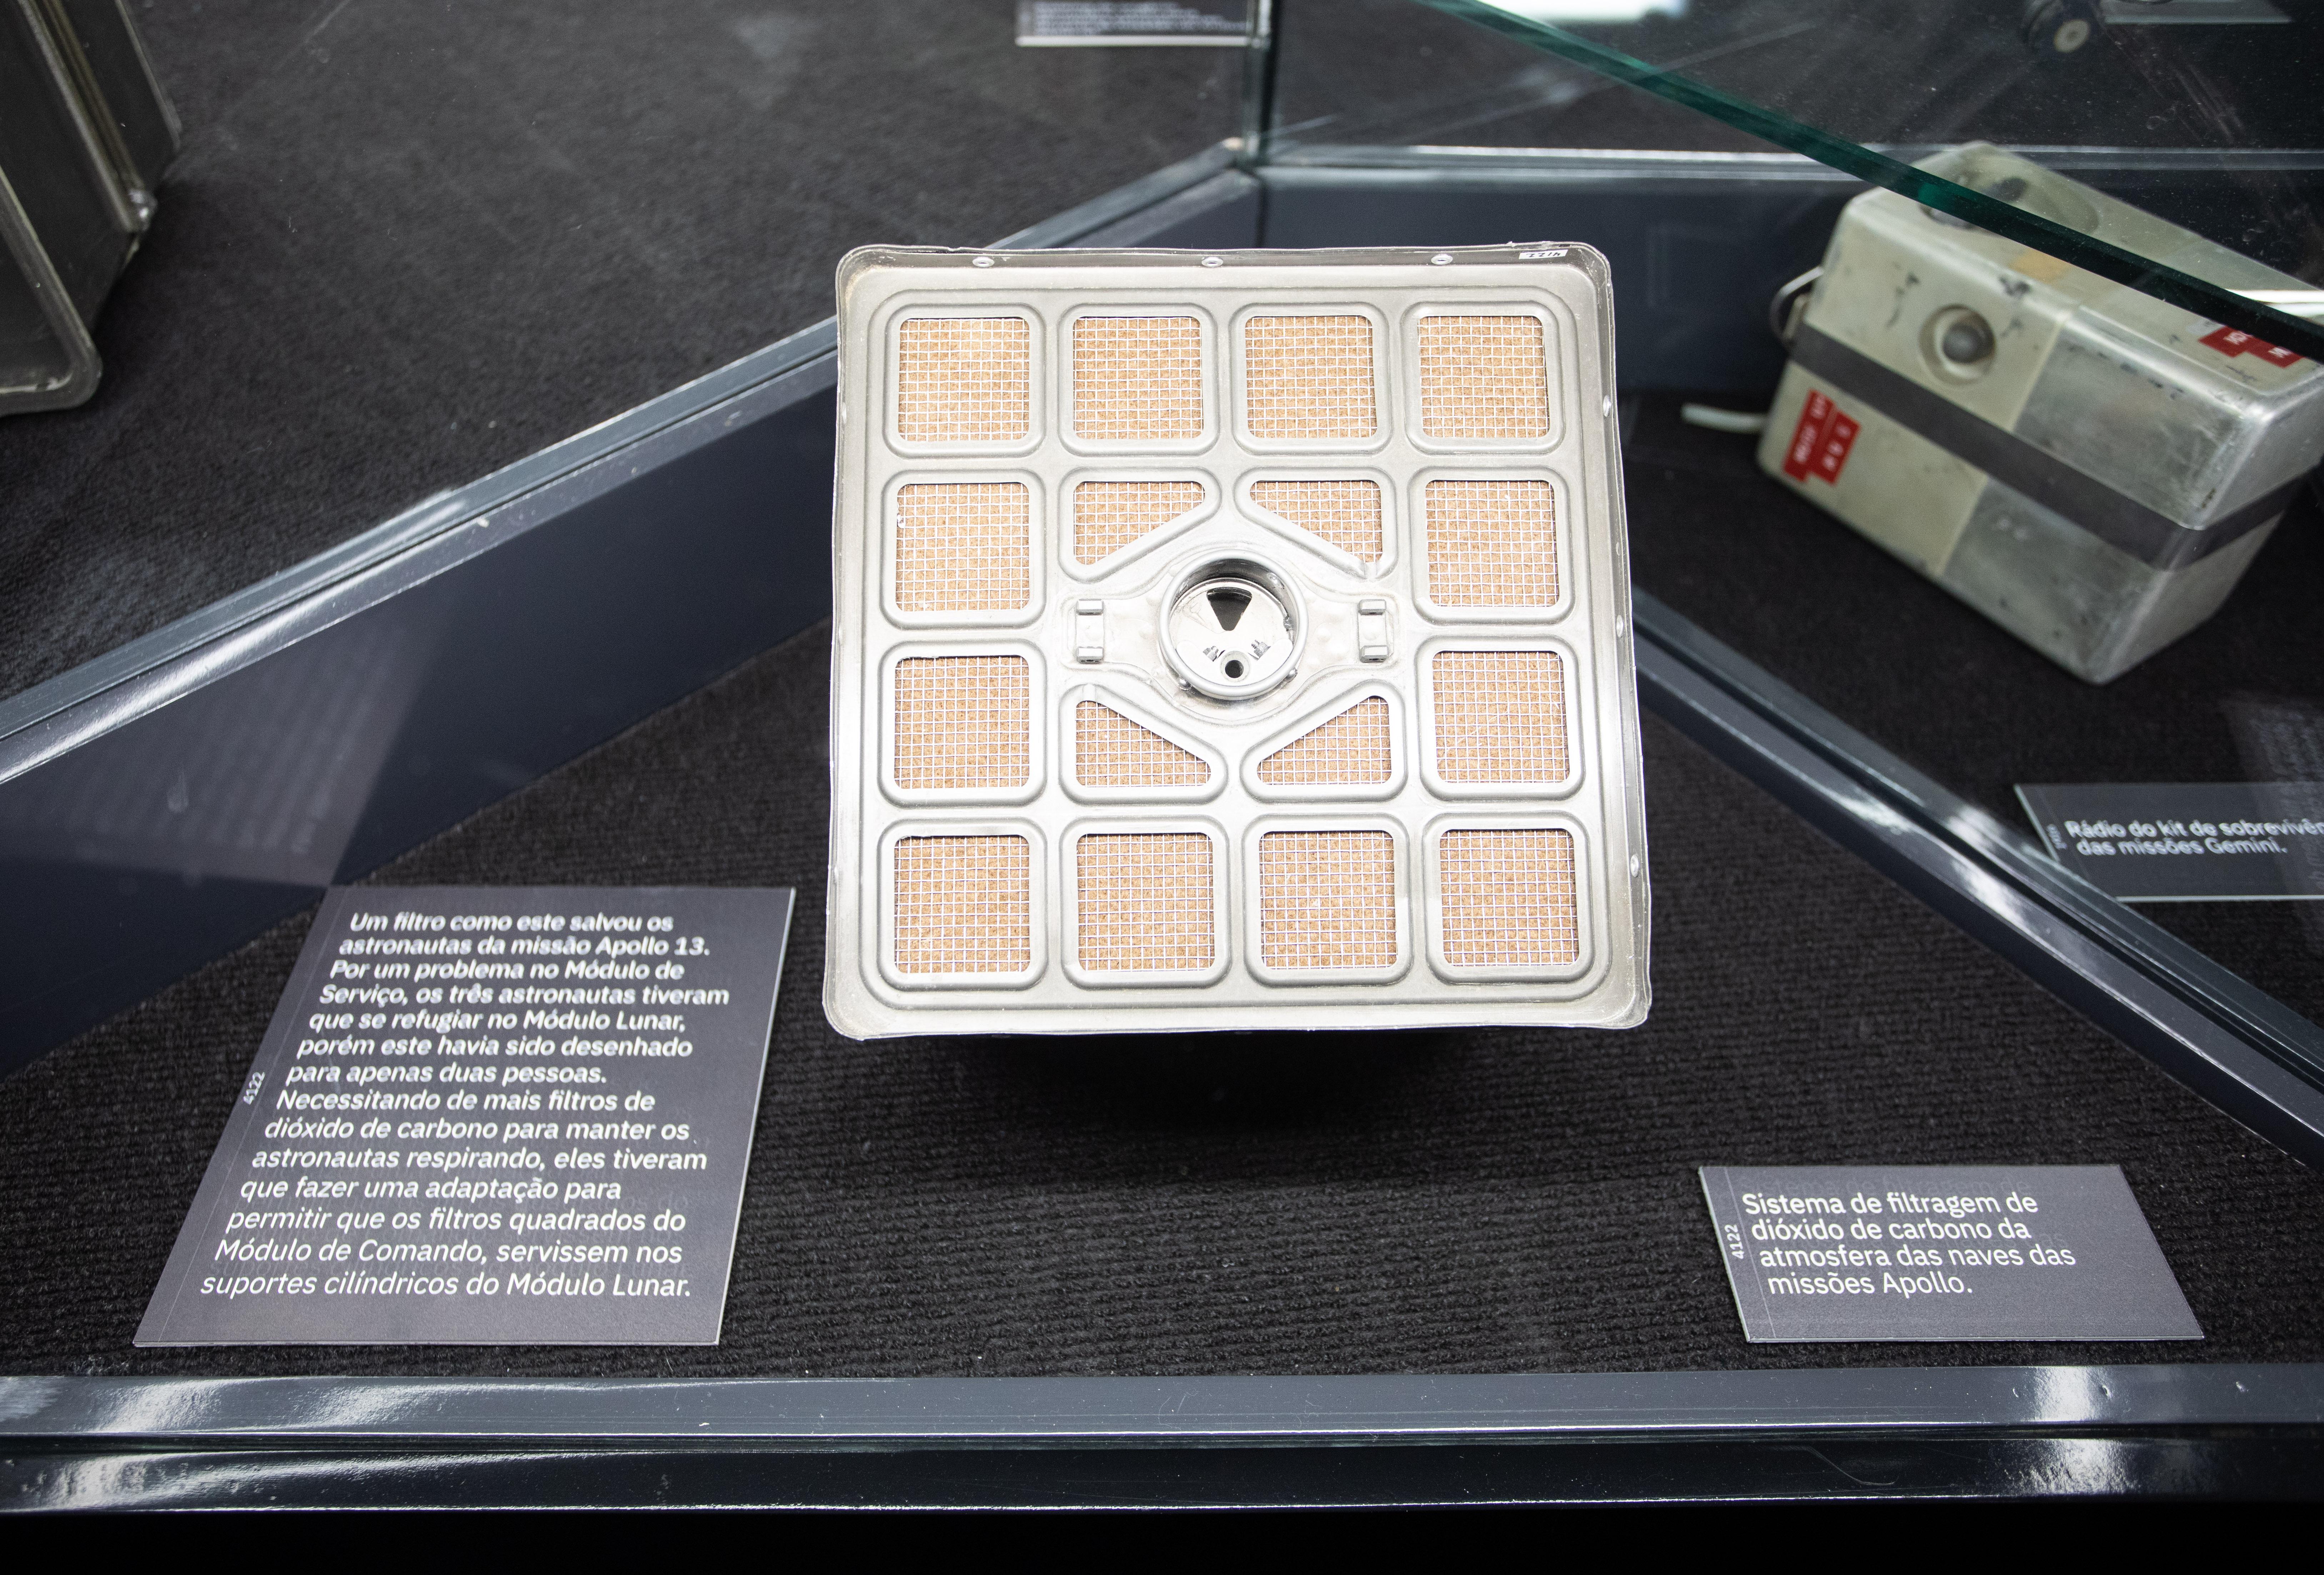 Filtro que que salvou a vida de tripulantes da Apollo 13 aparece dentro de vidro com quadradinhos amarelados em um quadrado de prata.